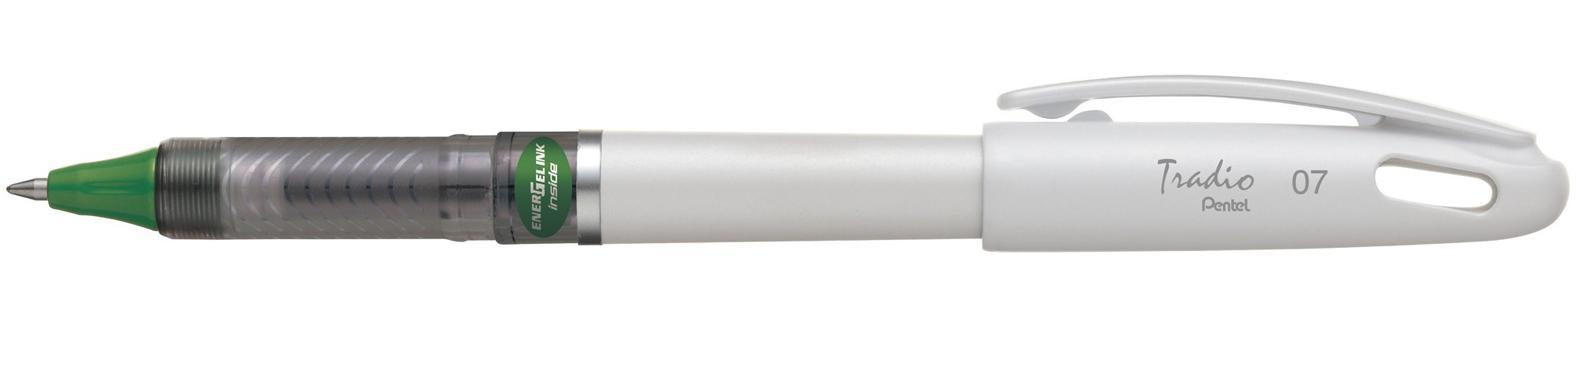 Гелевая ручка TRADIO ENERGEL зеленый стержень 0.7мм, белый корпус в блистере ручка перьевая pentel tradio calligraphy pen 1 8mm black trc1 18a